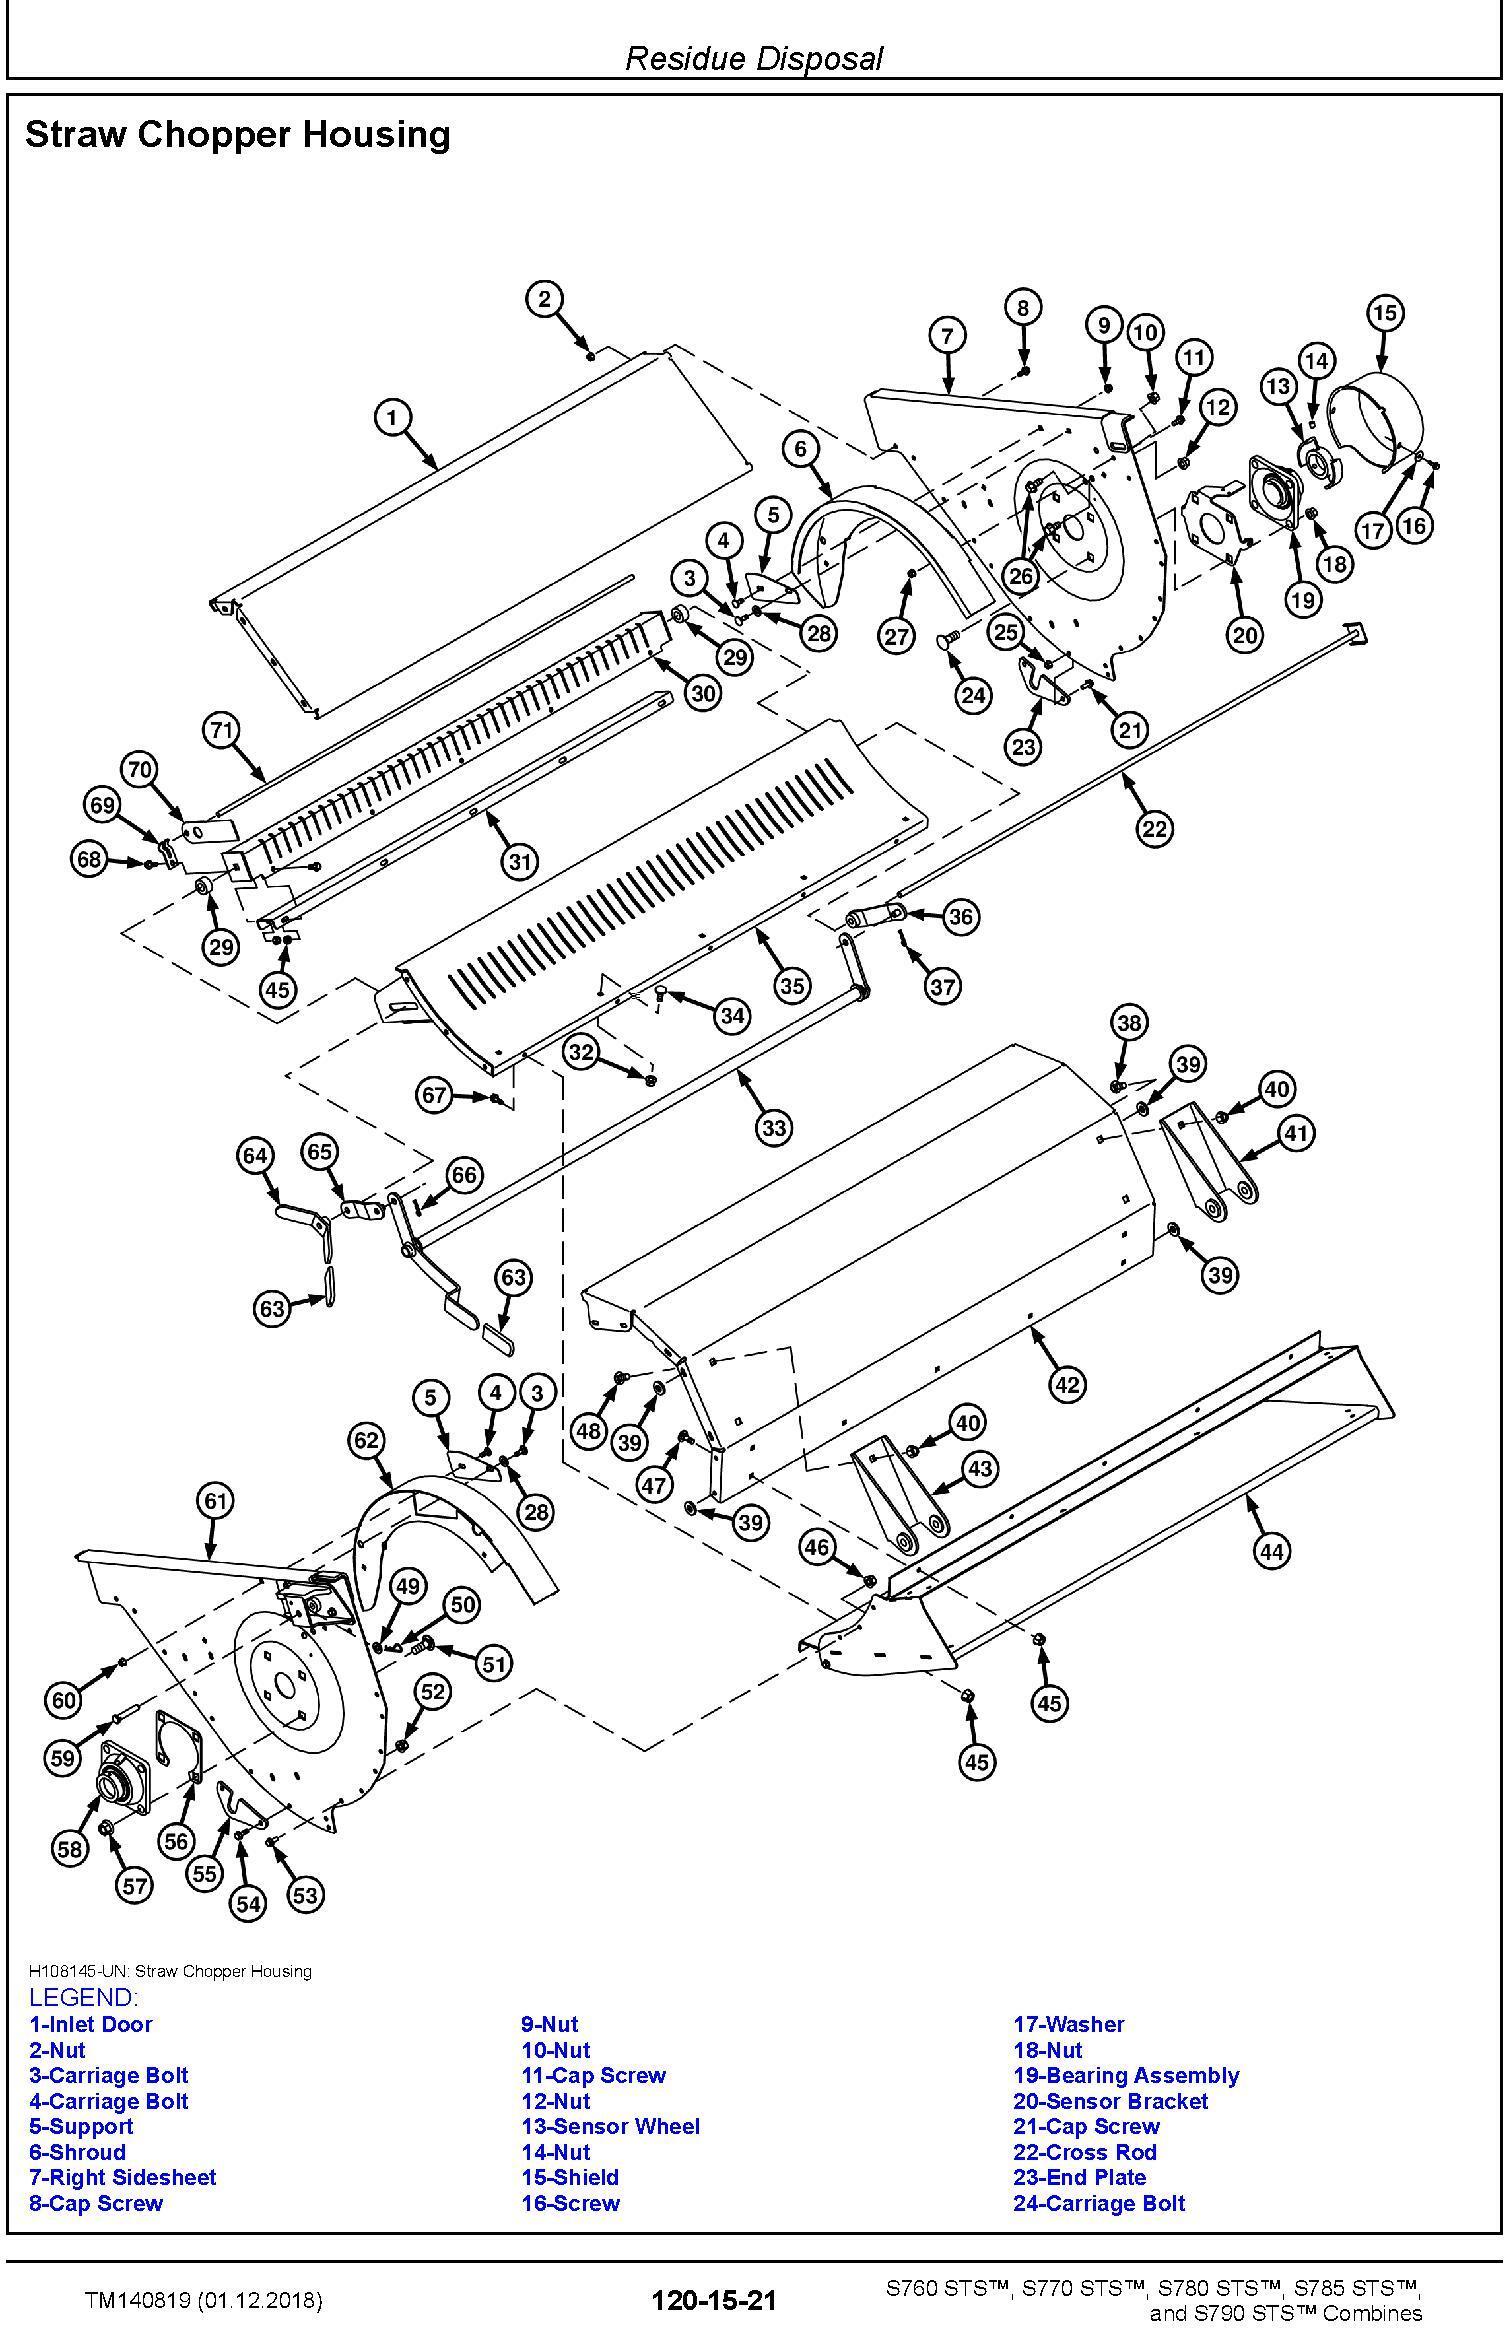 John Deere S760, S770, S780, S785, S790 STS Combines Repair Technical Service Manual (TM140819) - 2